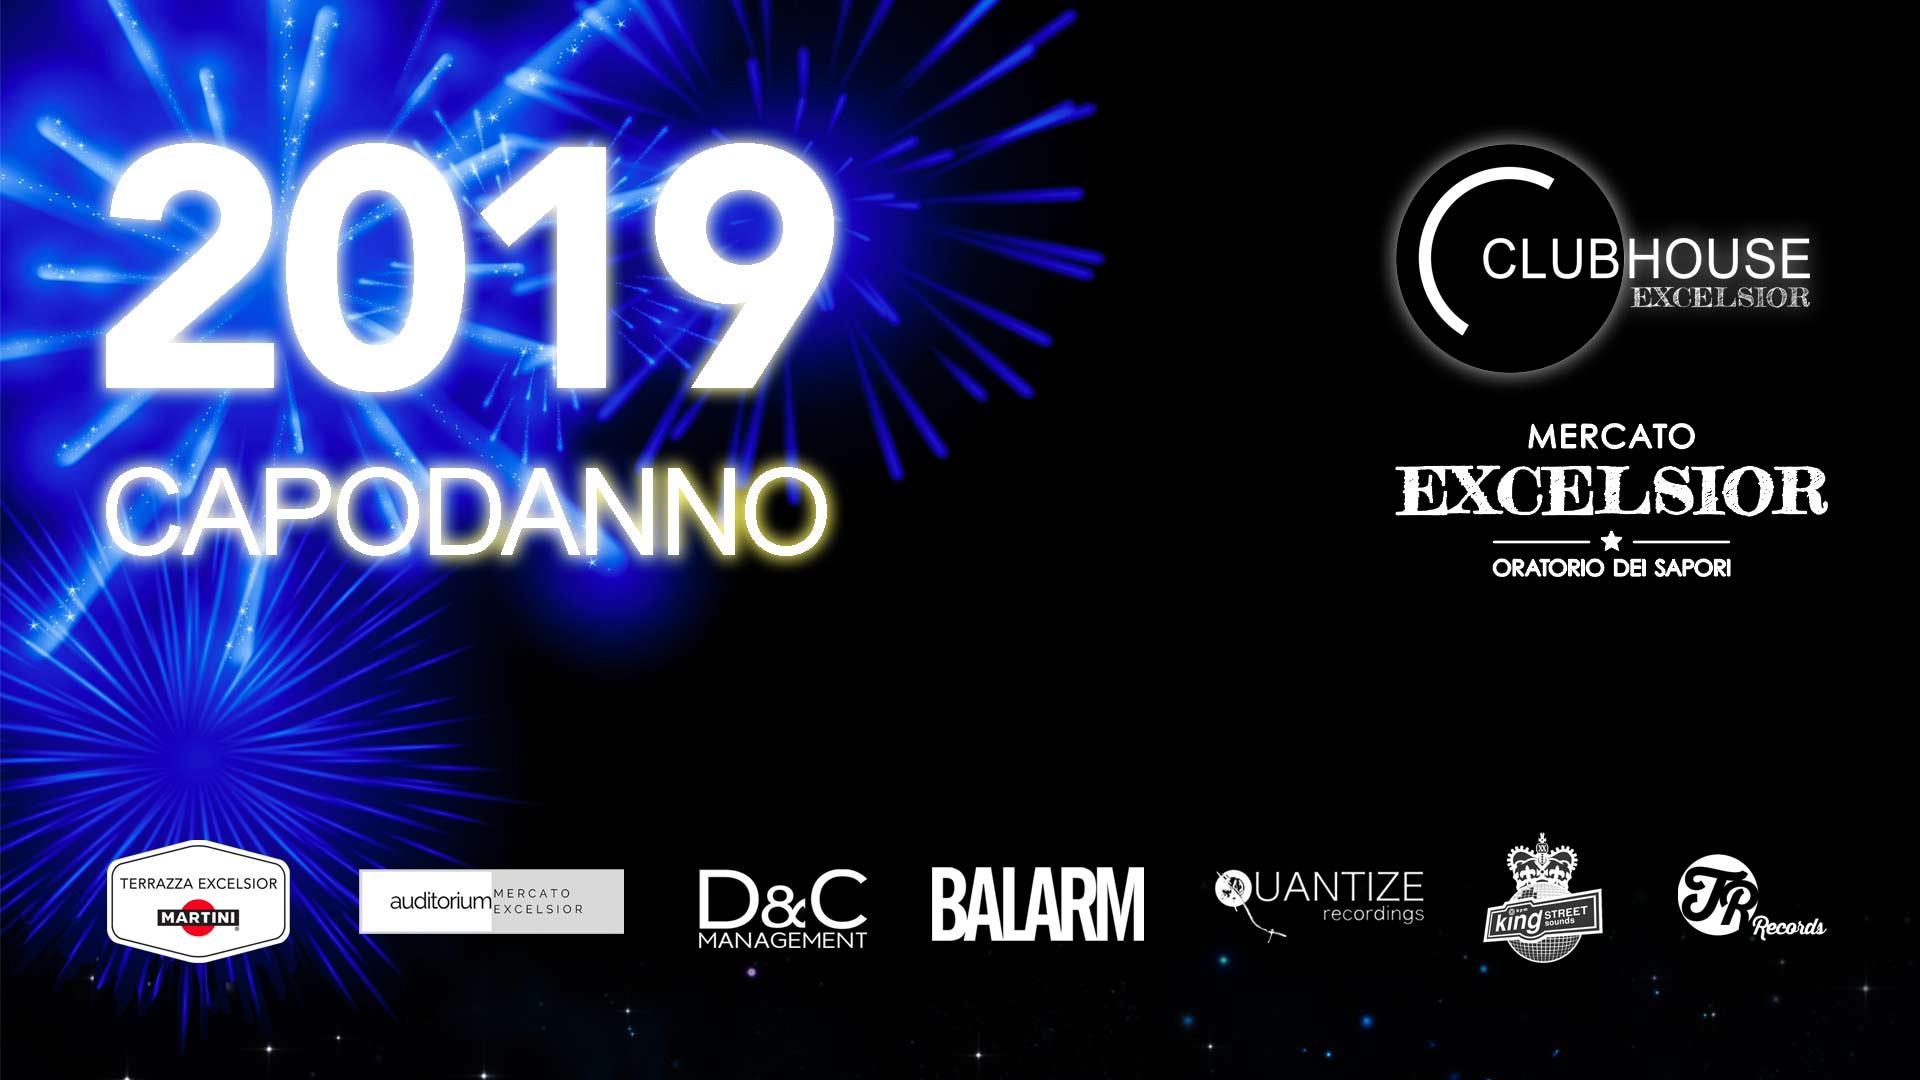 Capodanno 2019 Palermo Mercato E Club House Excelsior Mercato Excelsior